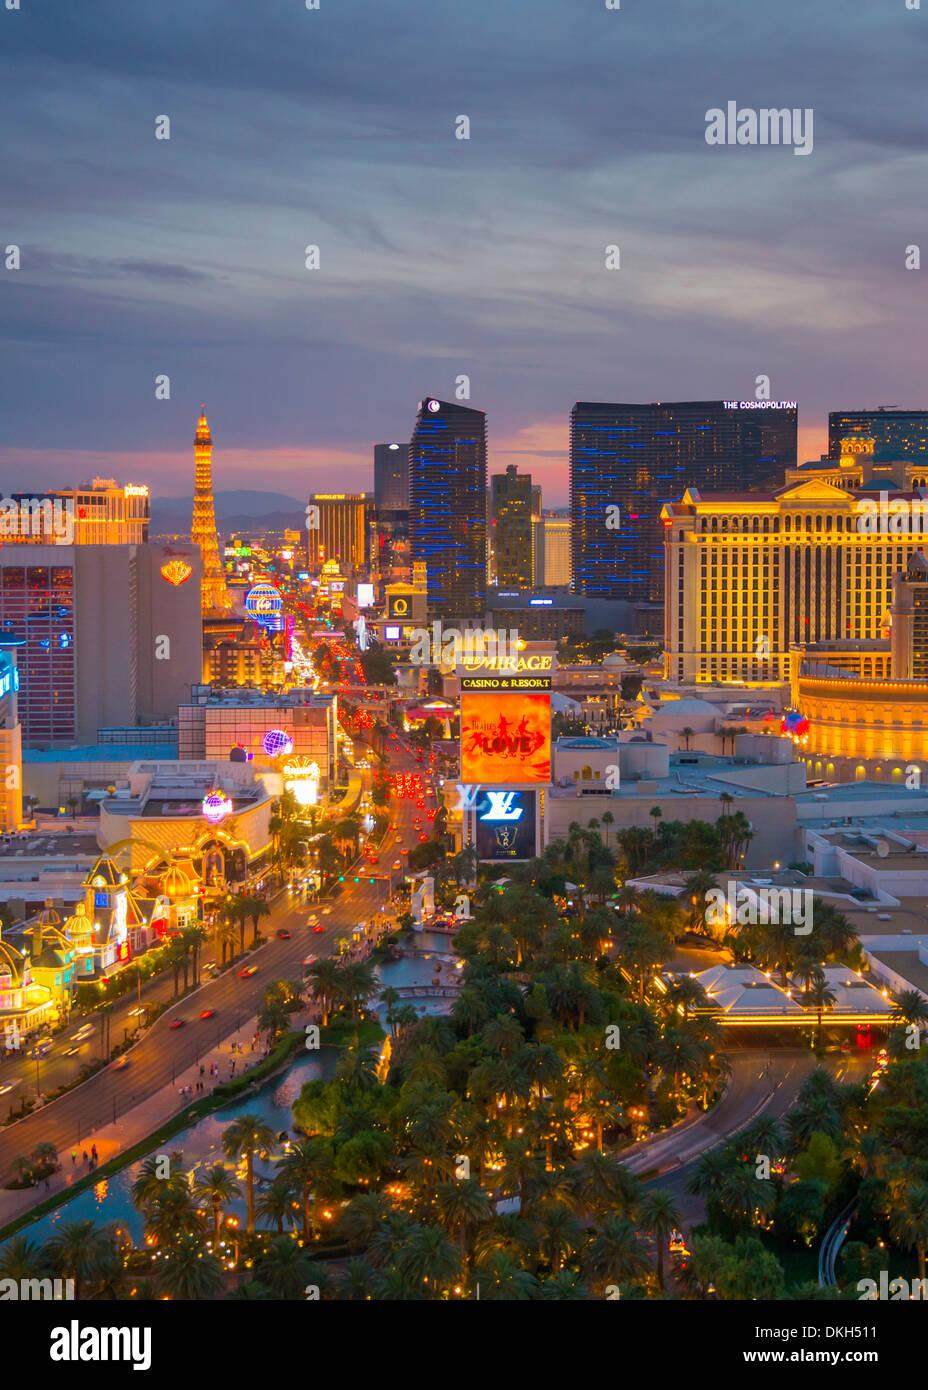 La Strip, en Las Vegas, Nevada, Estados Unidos de América, América del Norte Imagen De Stock